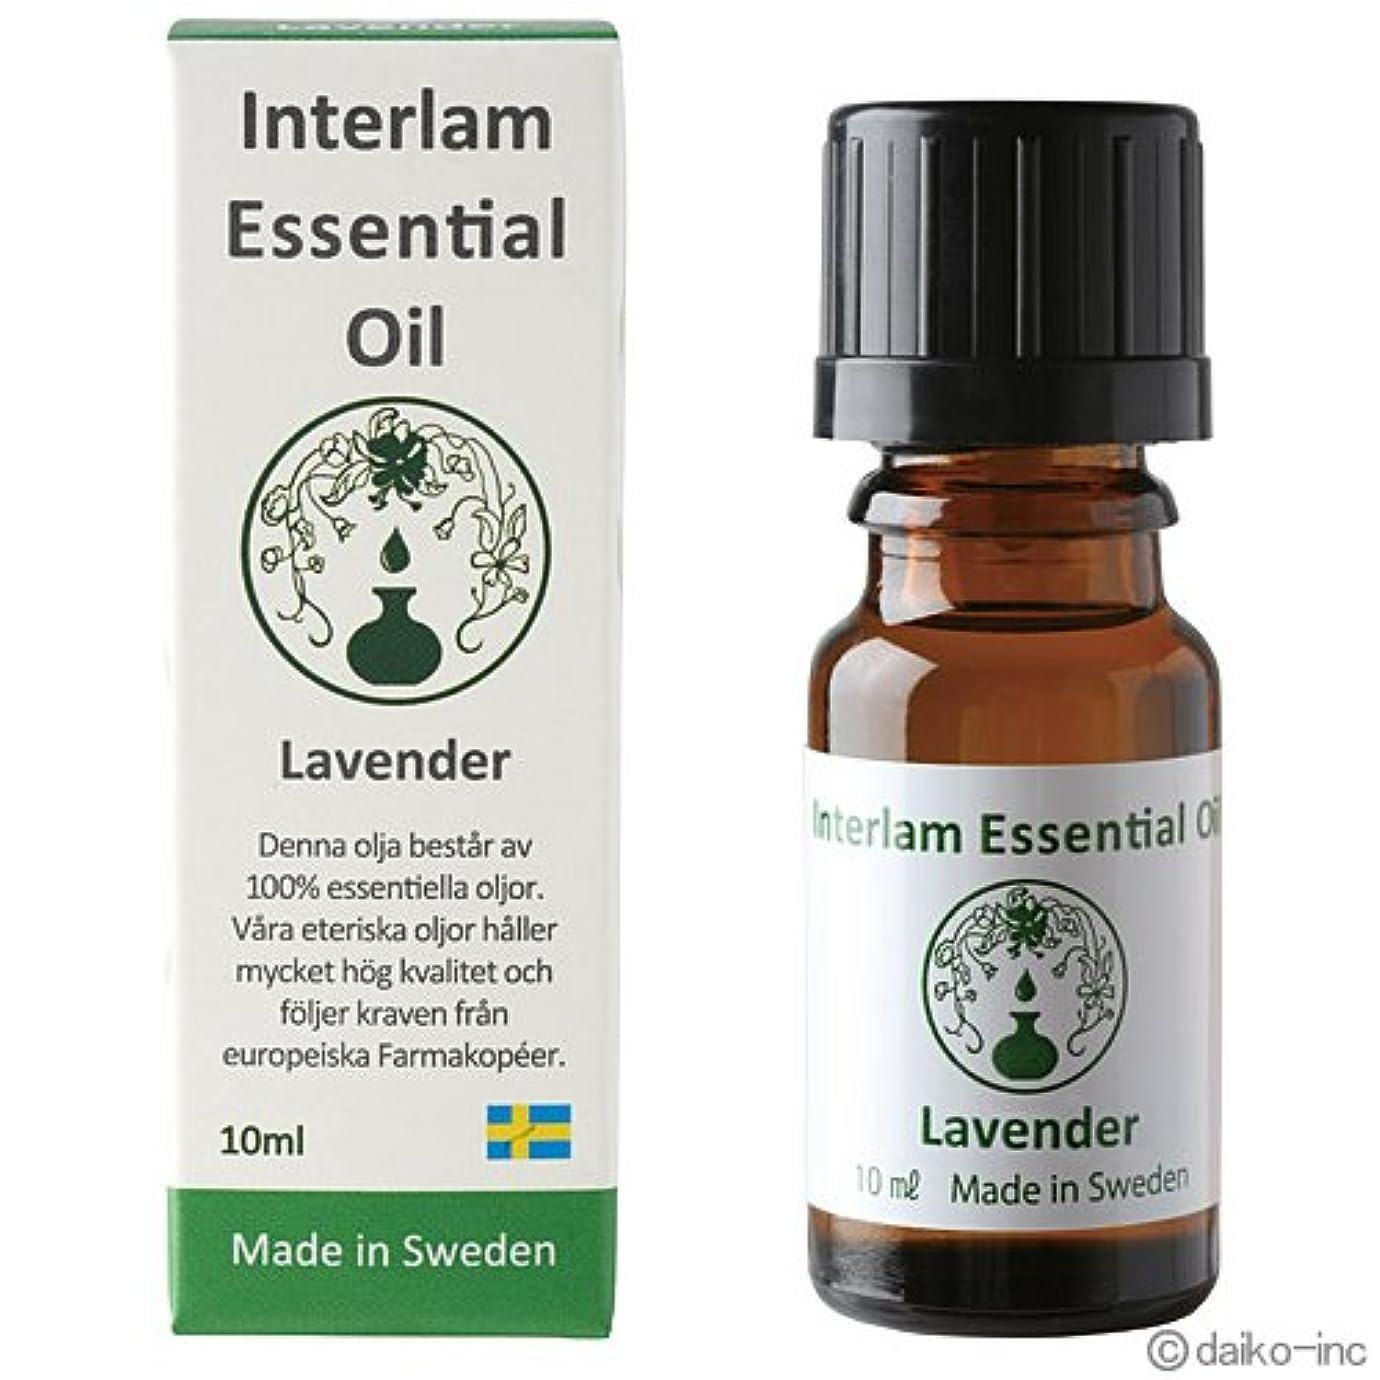 第三耳余計なInterlam Essential Oil ラベンダー 10ml